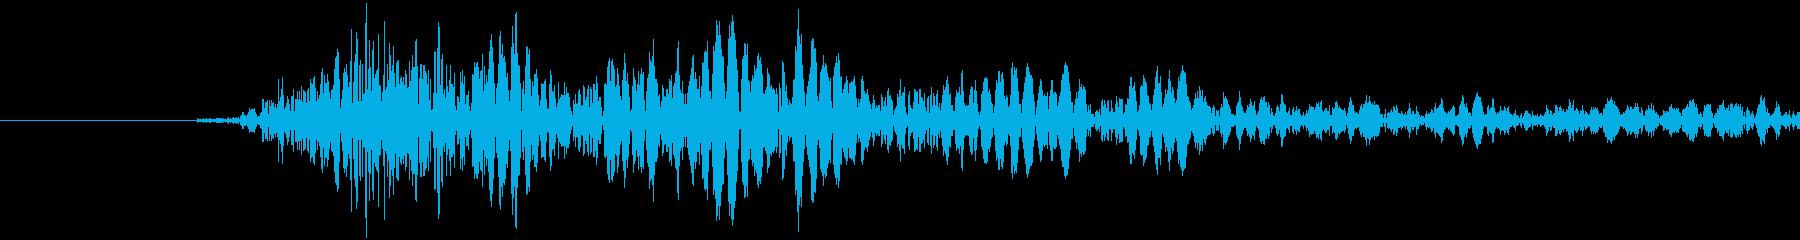 テレビセット:テレビの電源を入れますの再生済みの波形